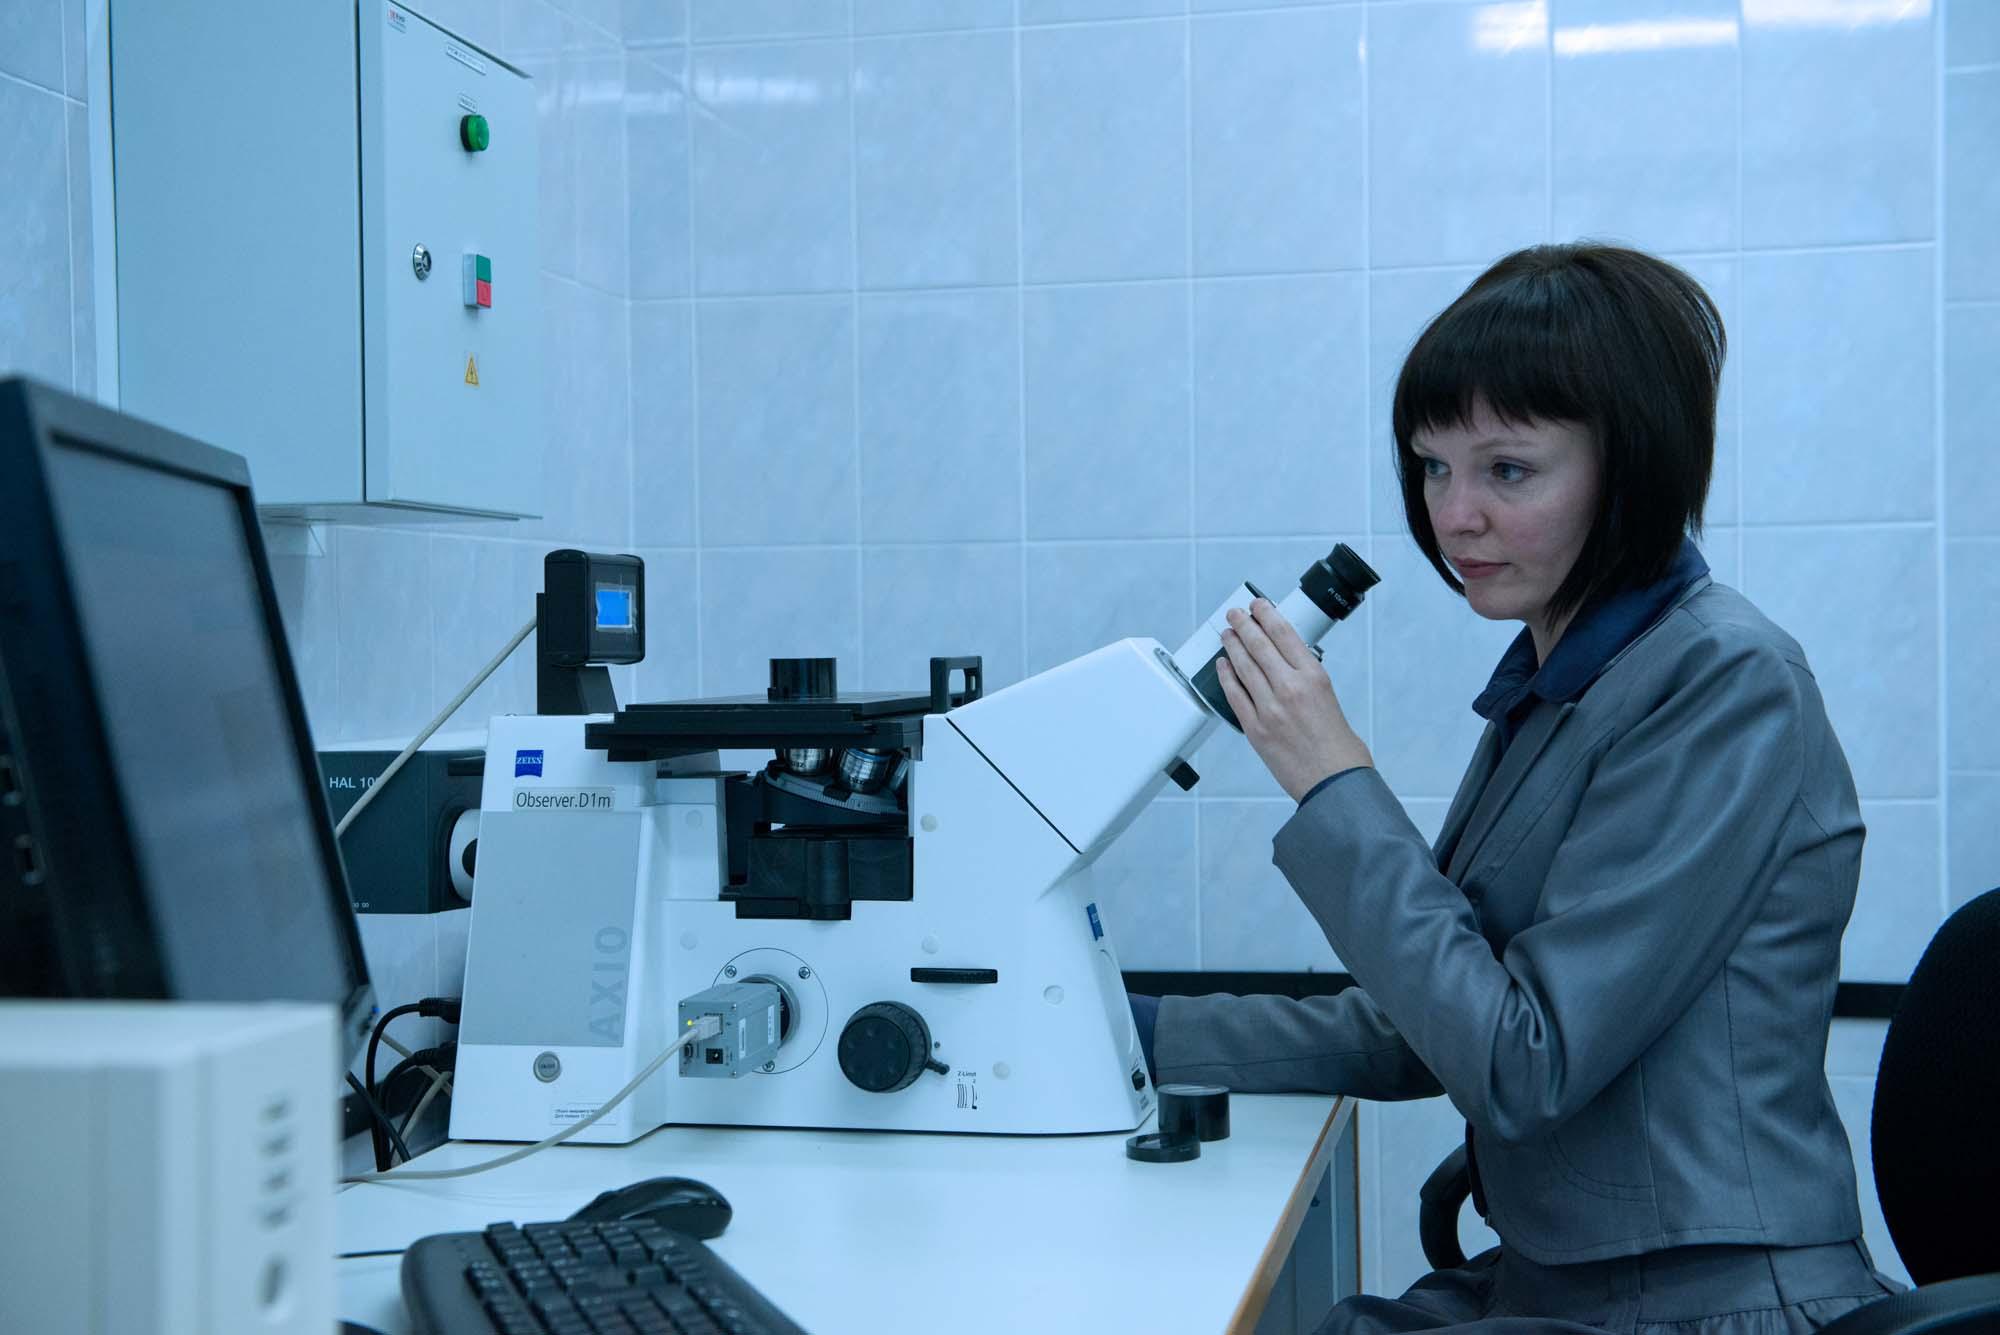 За три года ОМК направила на научные разработки свыше 400 млн рублей